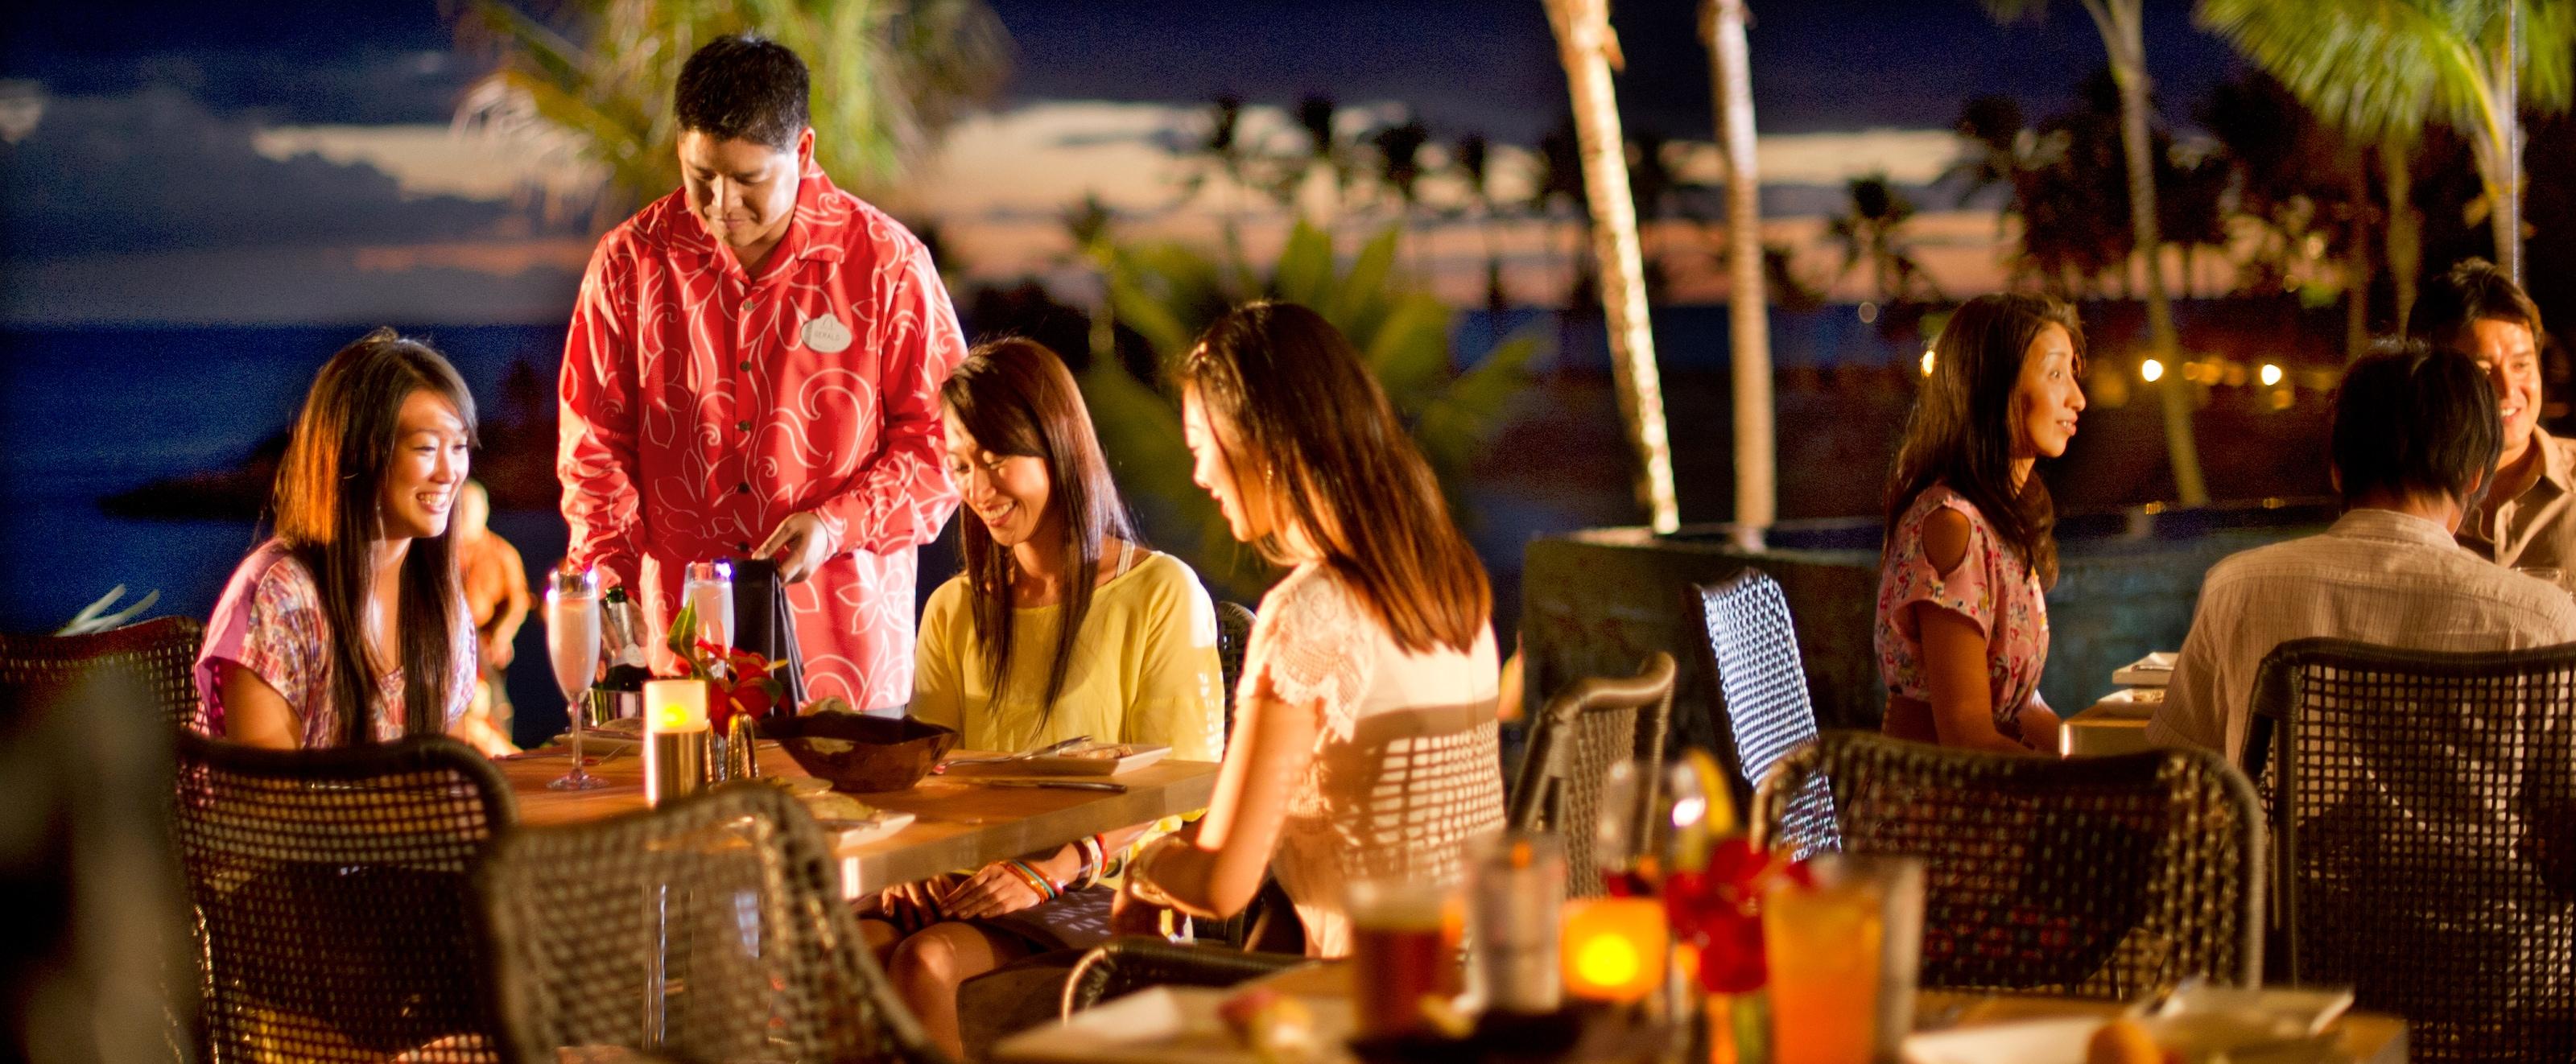 屋外でテーブルでのシャンパン・サービスとディナーを楽しむ 3 人の若い女性